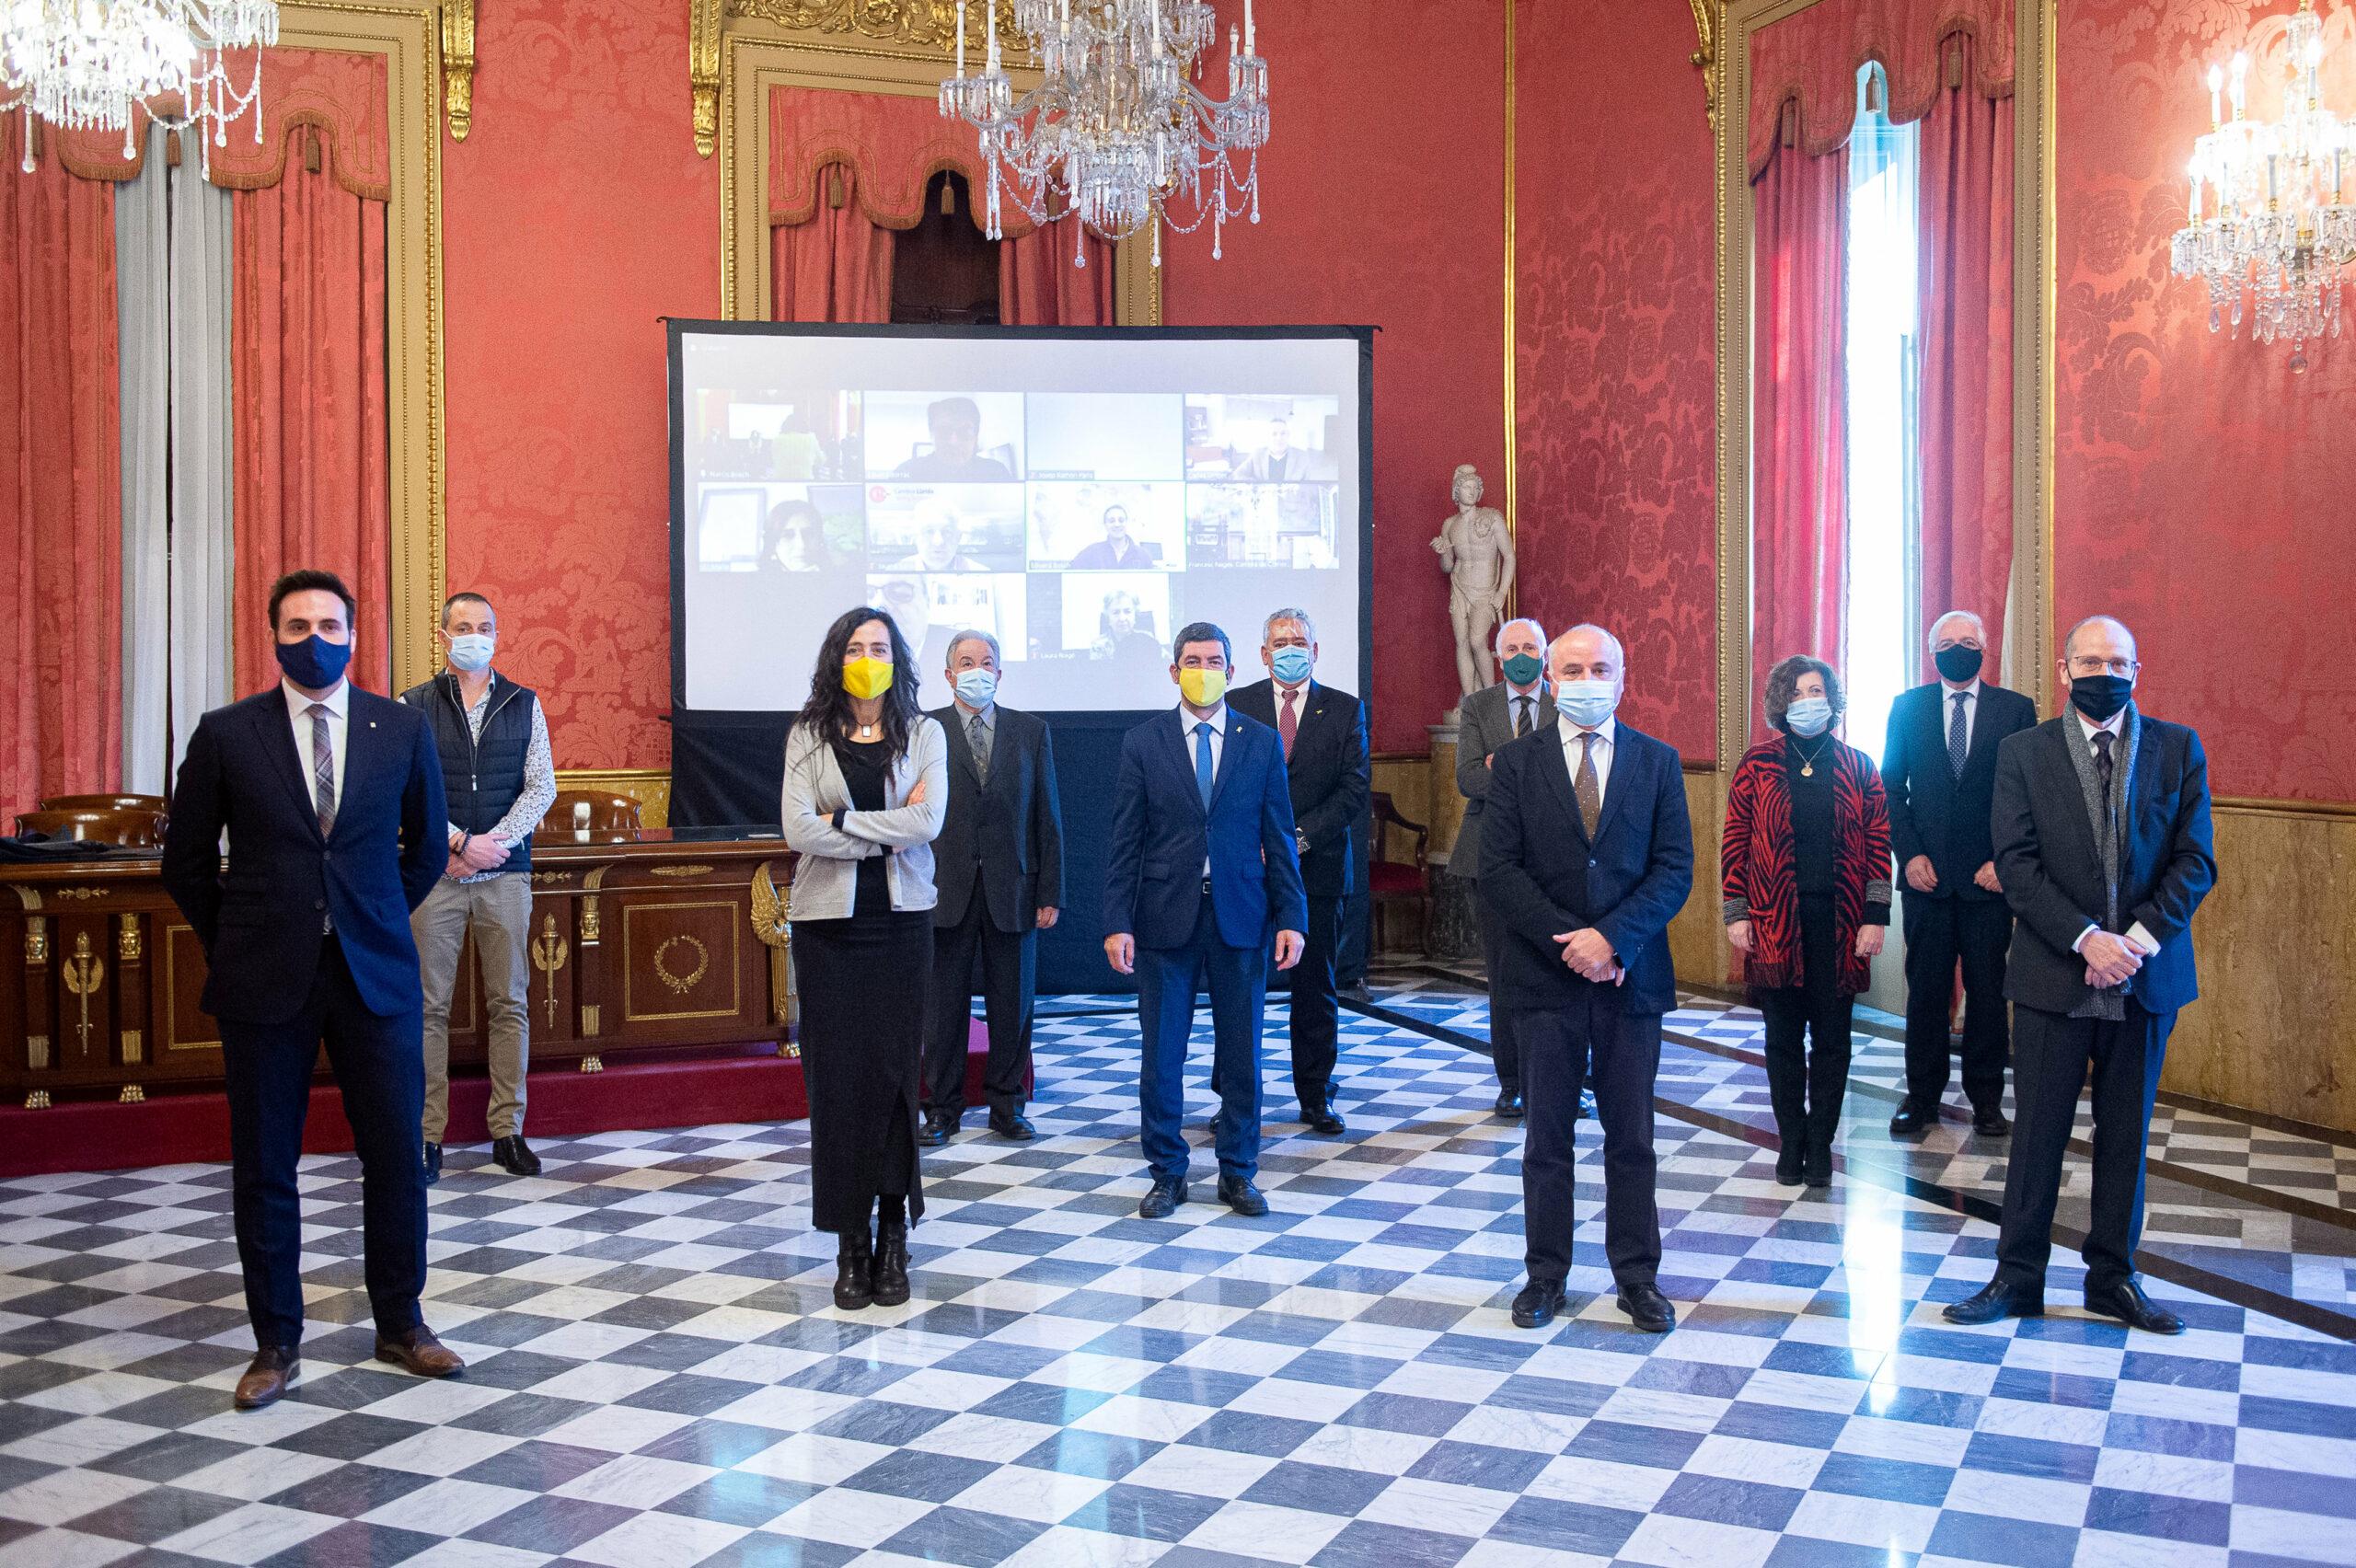 Foto de família del relleu a la presidència del Consell de Cambres | ACN